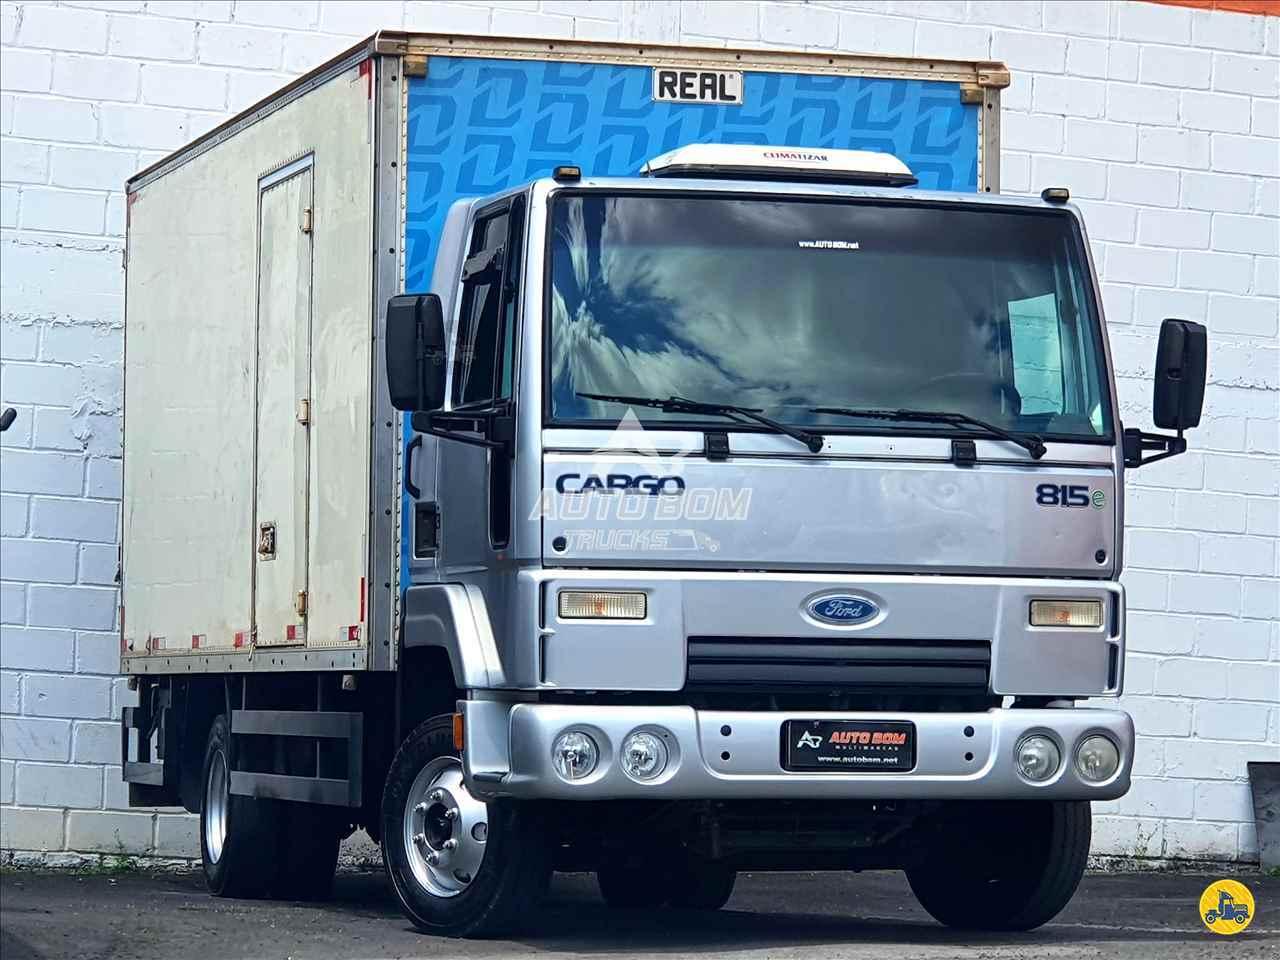 CAMINHAO FORD CARGO 815 Baú Furgão 3/4 4x2 Autobom Trucks CONTAGEM MINAS GERAIS MG